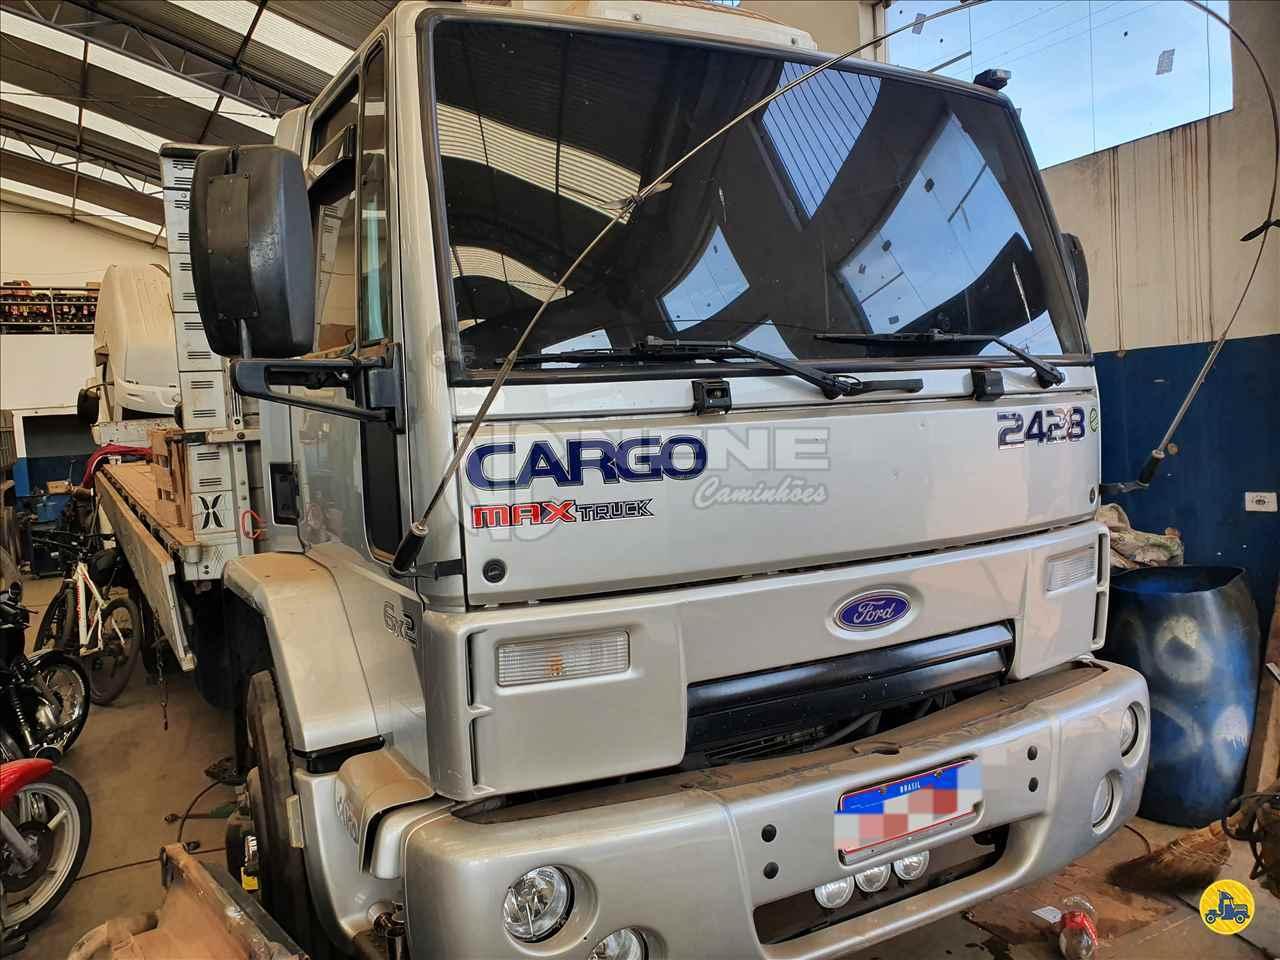 CARGO 2428 de Nene Caminhões - SAO JOAO DA BOA VISTA/SP